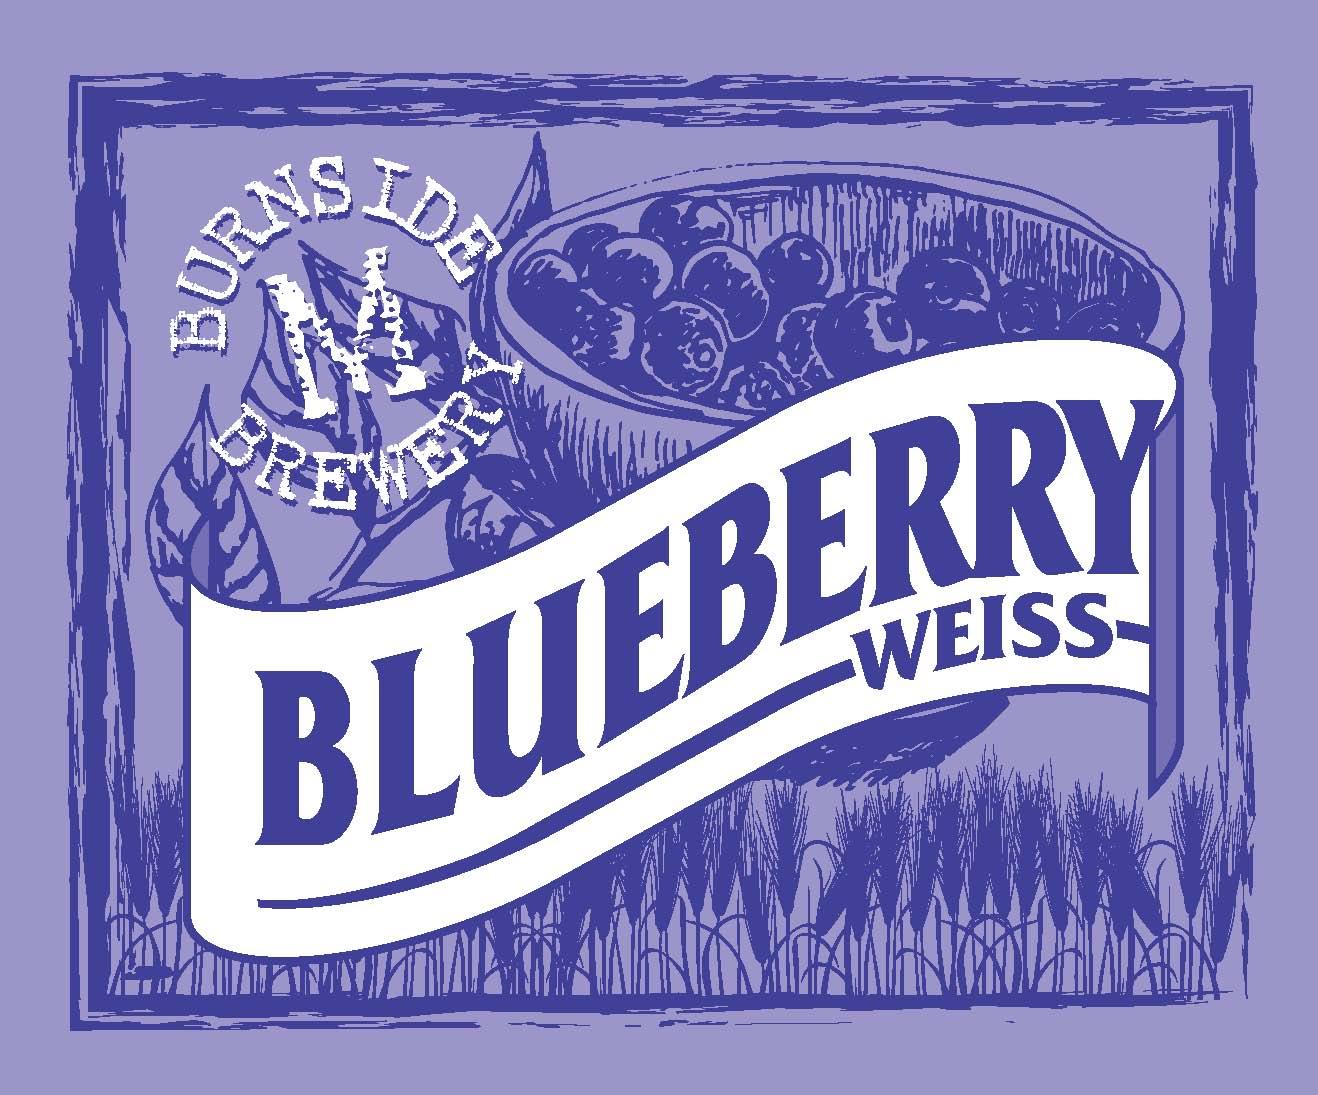 Weiss Bier 2 - Blueberry Weiss